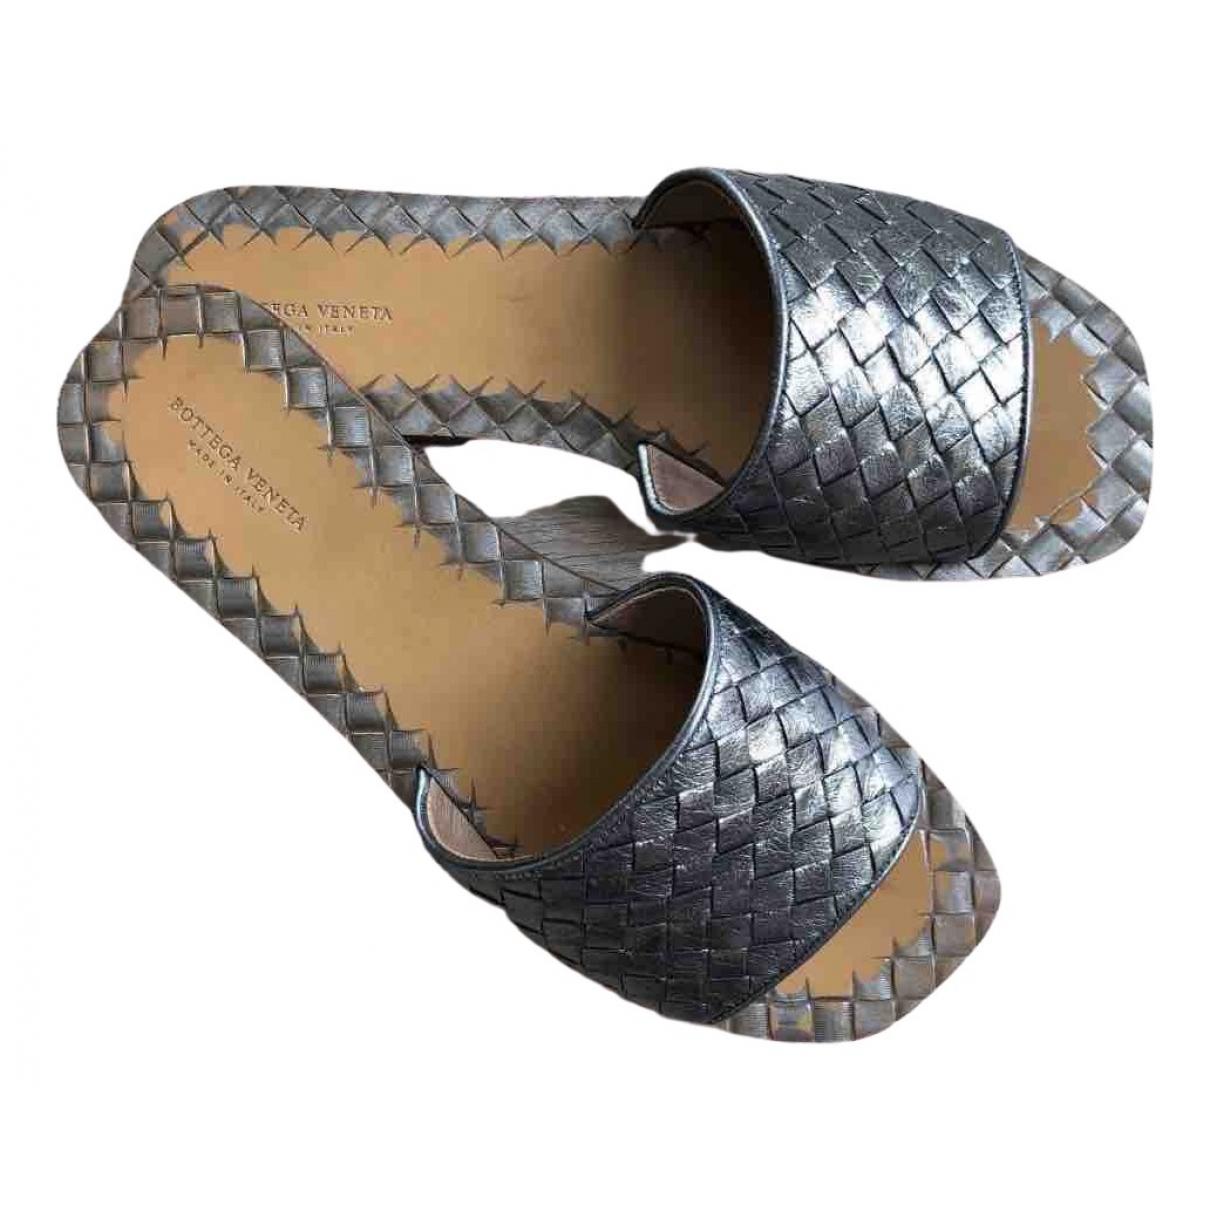 Bottega Veneta - Sandales   pour femme en cuir - gris